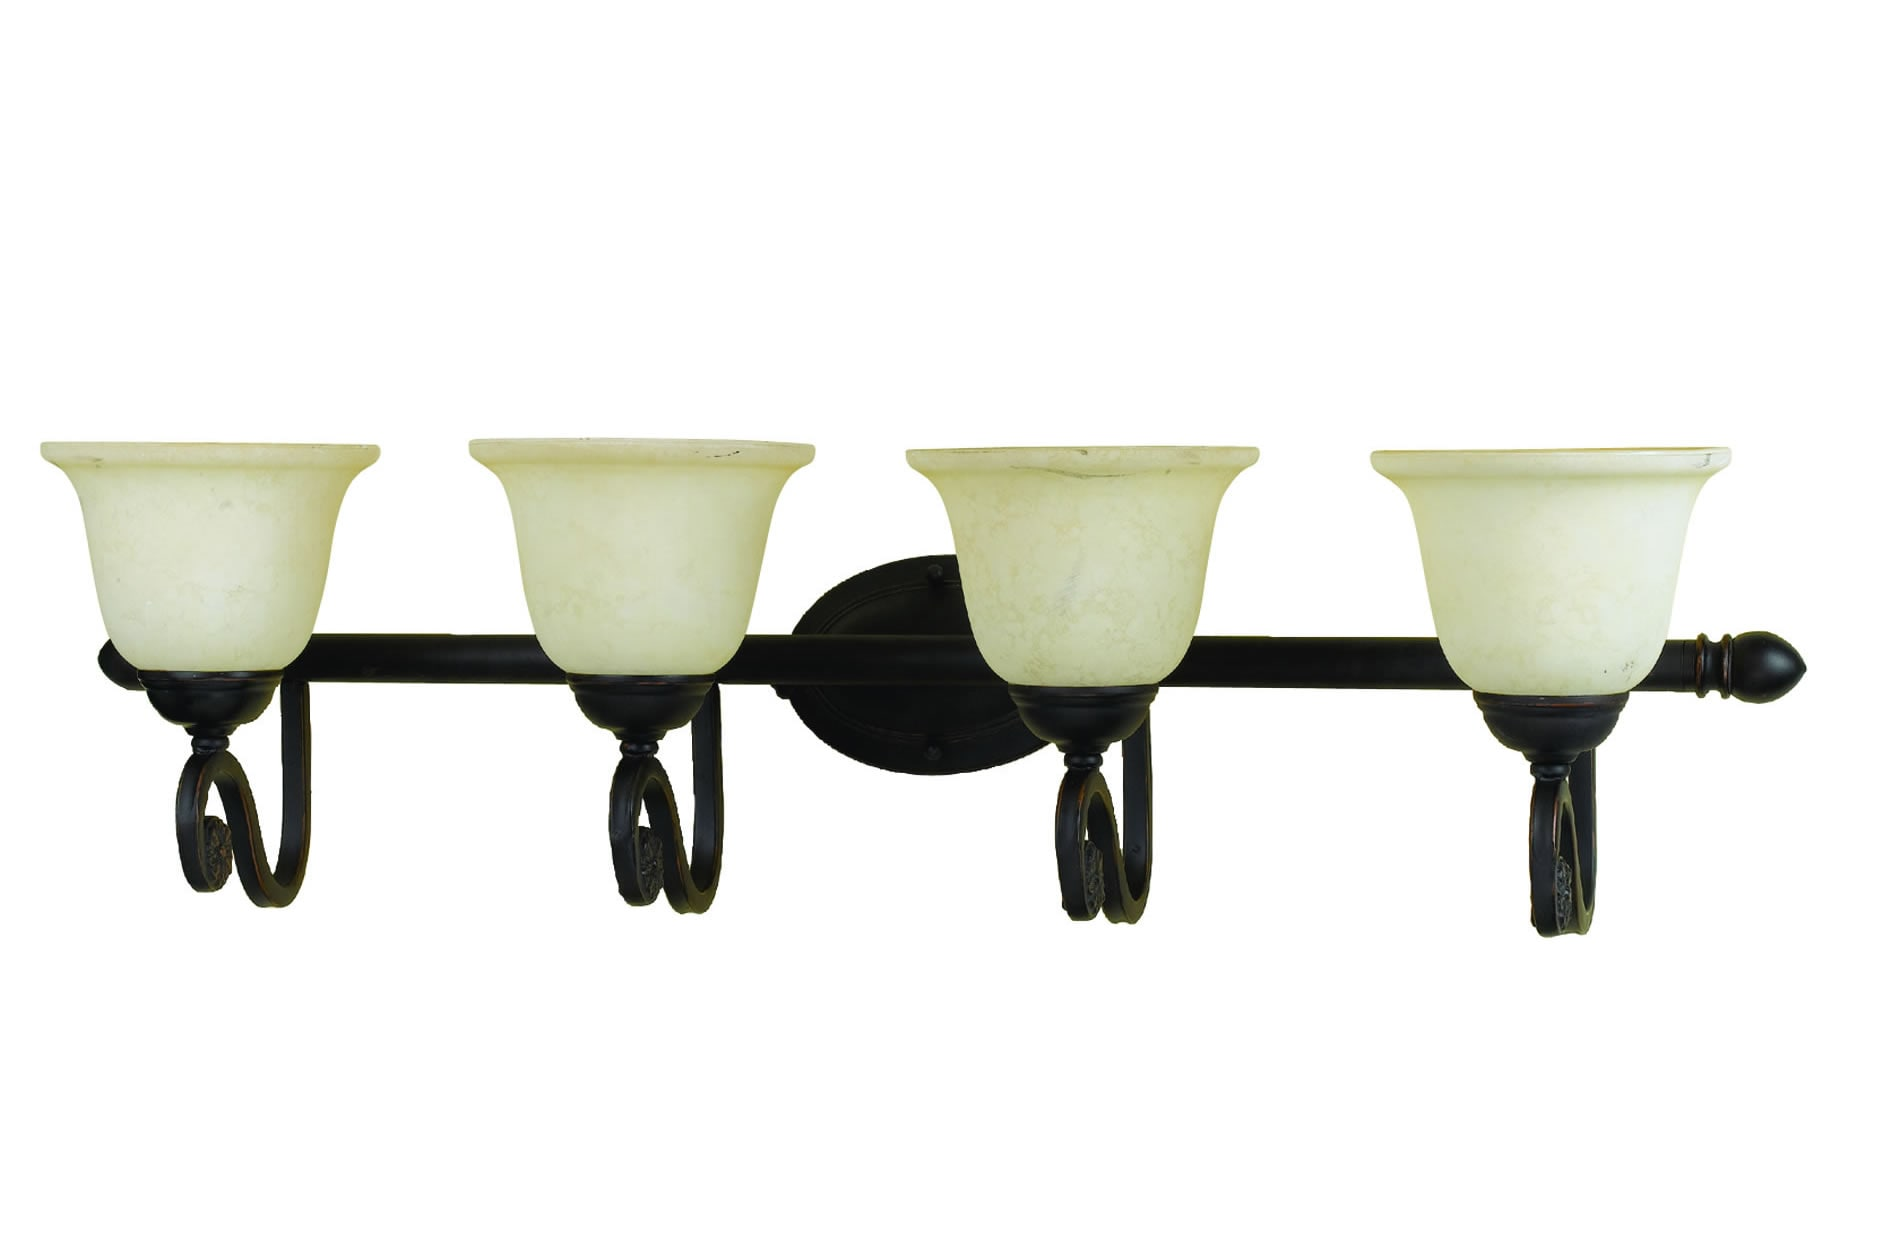 Harmony 4-light Oil-rubbed Bronze Vanity Fixture 7202912